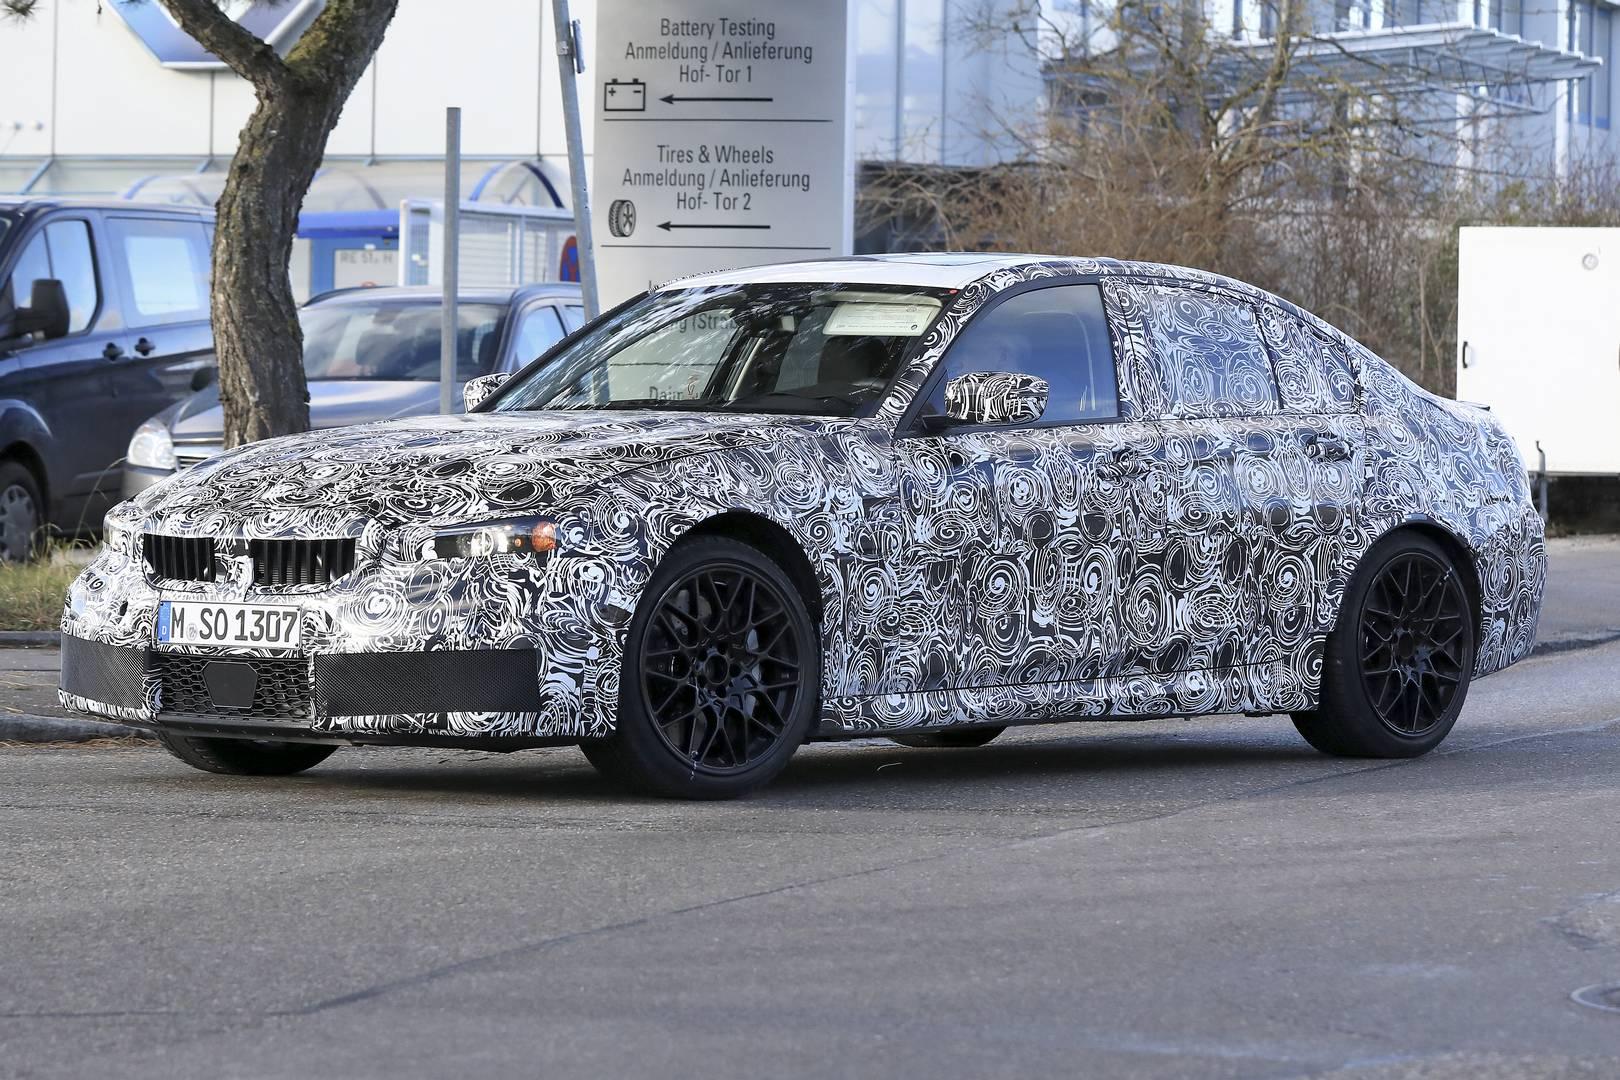 Bmw 3 Series G20 >> 2020 BMW G80 M3 First Spy Shots - GTspirit